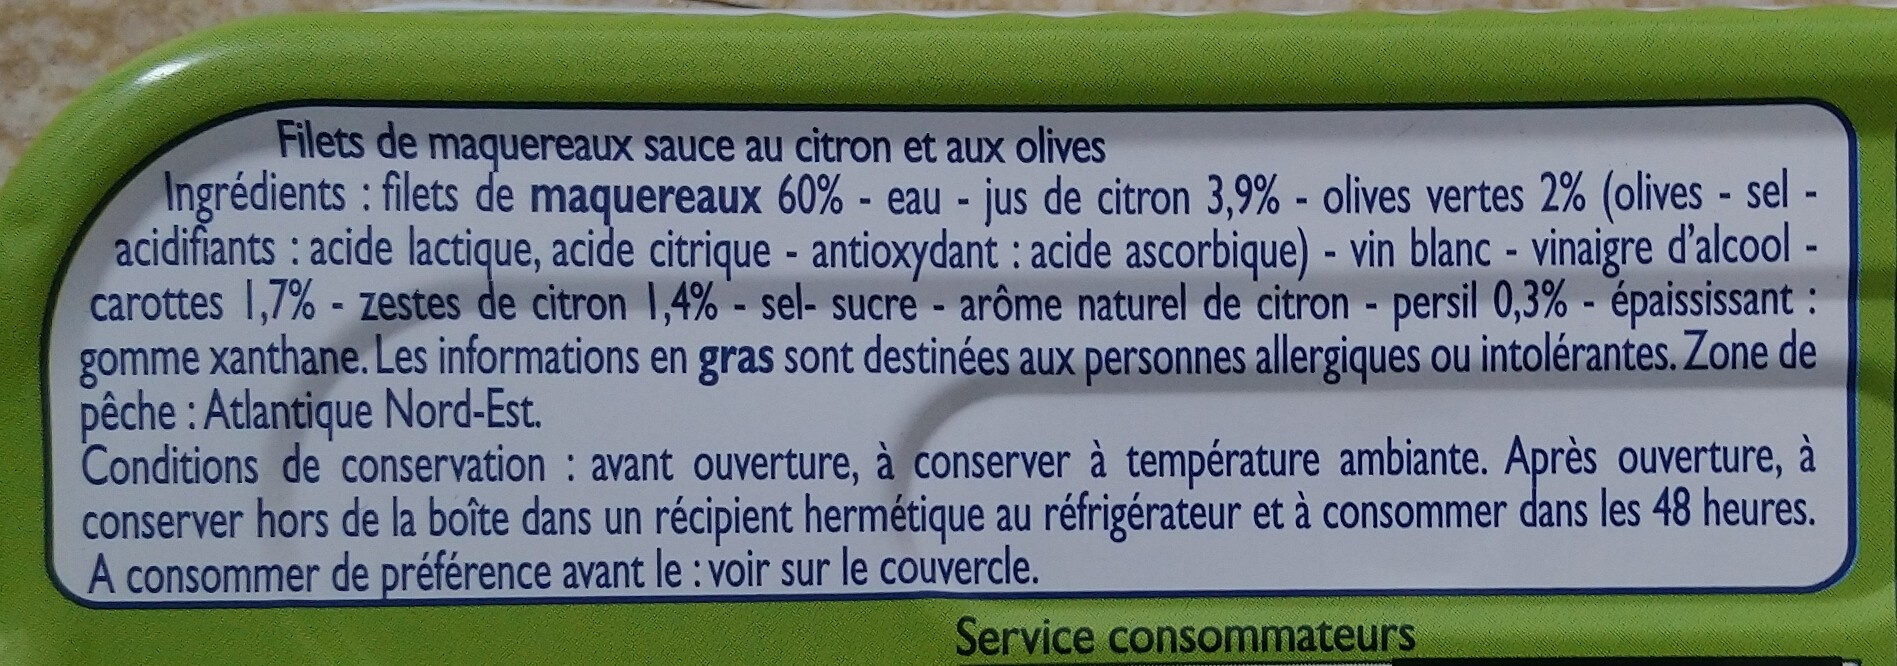 Filets de maquereaux citron olives - Ingrédients - fr